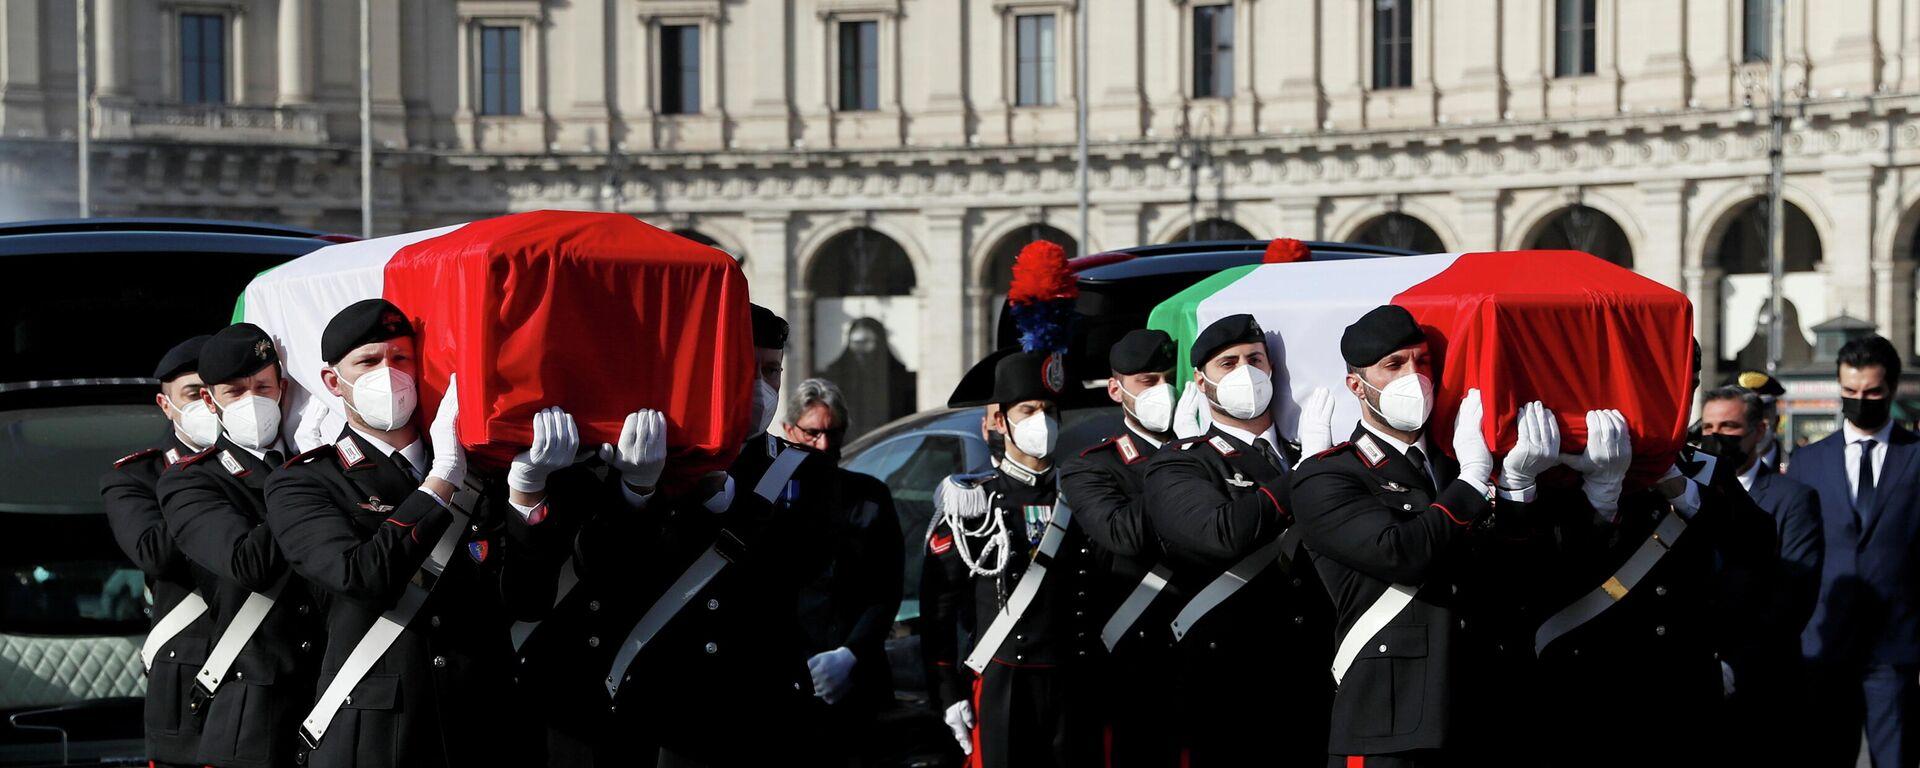 Funeral del embajador italiano Luca Attanasio y del carabinero Vittorio Iacovacci asesinados en la (República Democrática del Congo (RDC) - Sputnik Mundo, 1920, 25.02.2021